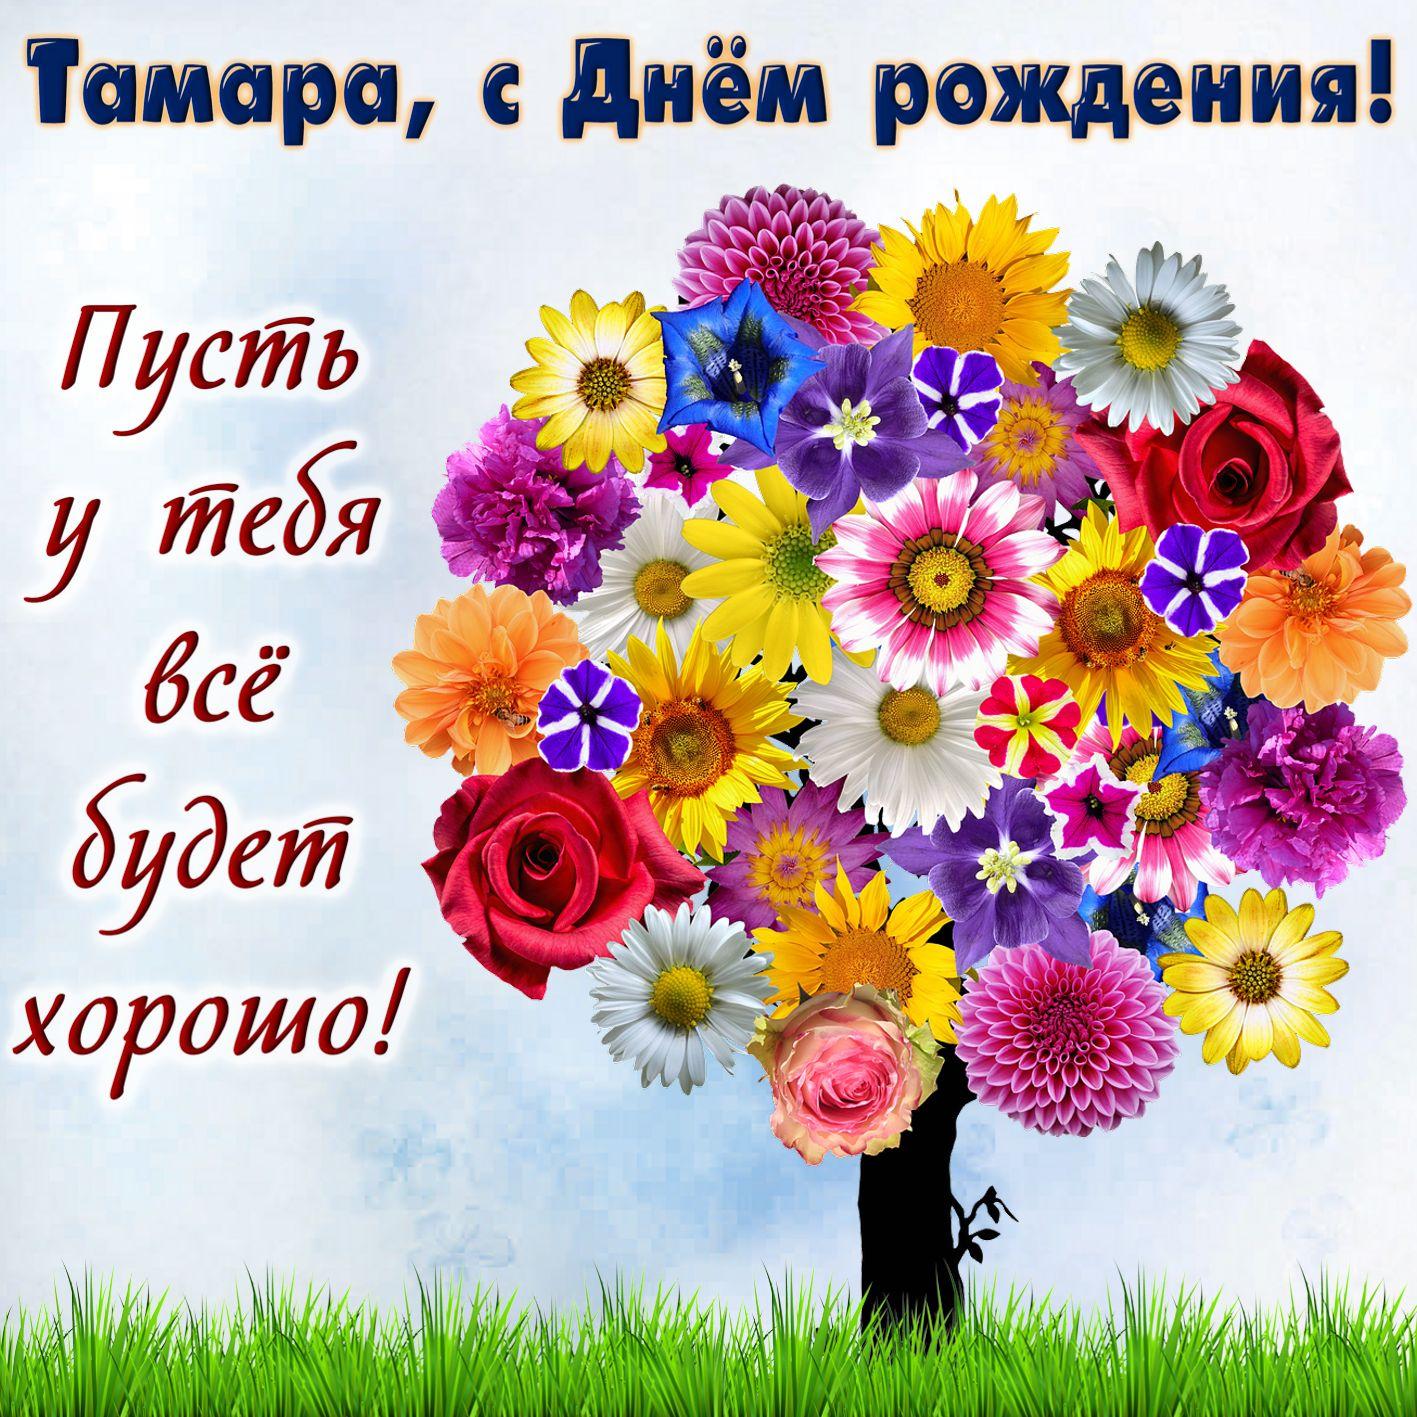 Милые открытки с днем рождения Тамара 001